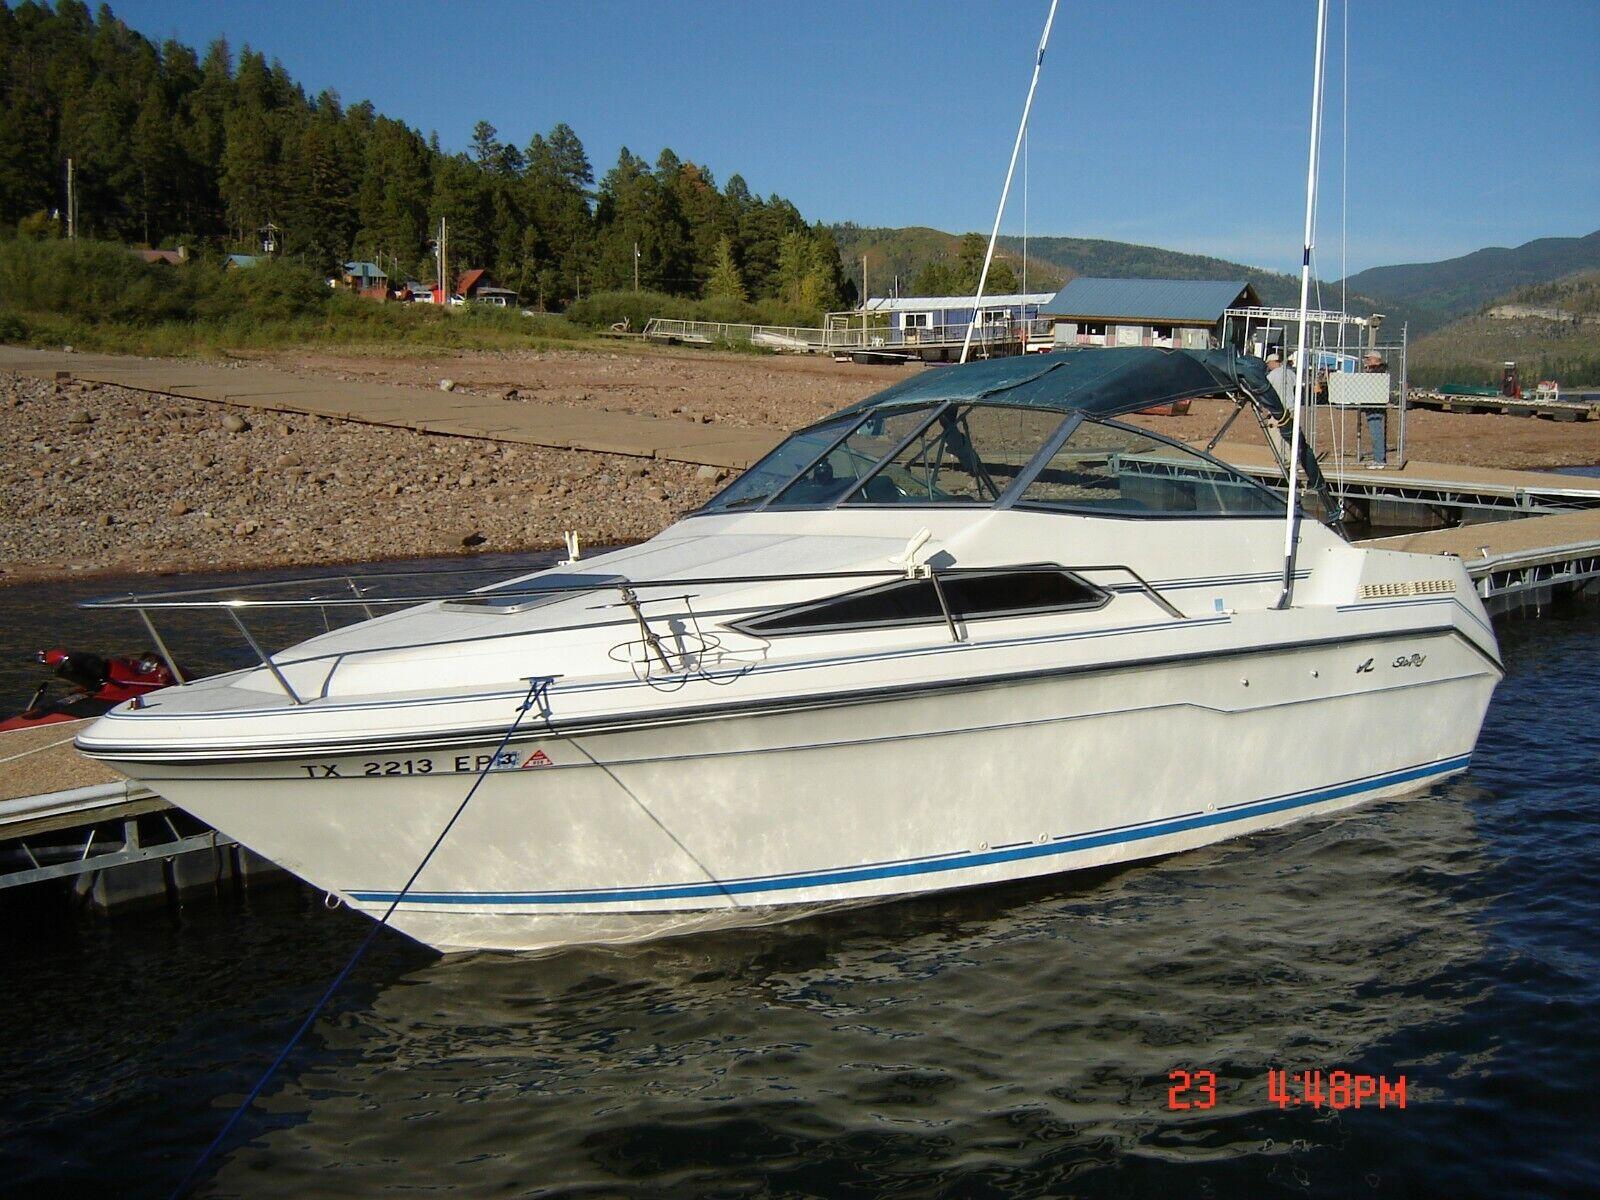 1989 Searay Sun Dancer Cruiser Mercruiser Indoor/Outboard V-6 4.3 Liter 205 HP